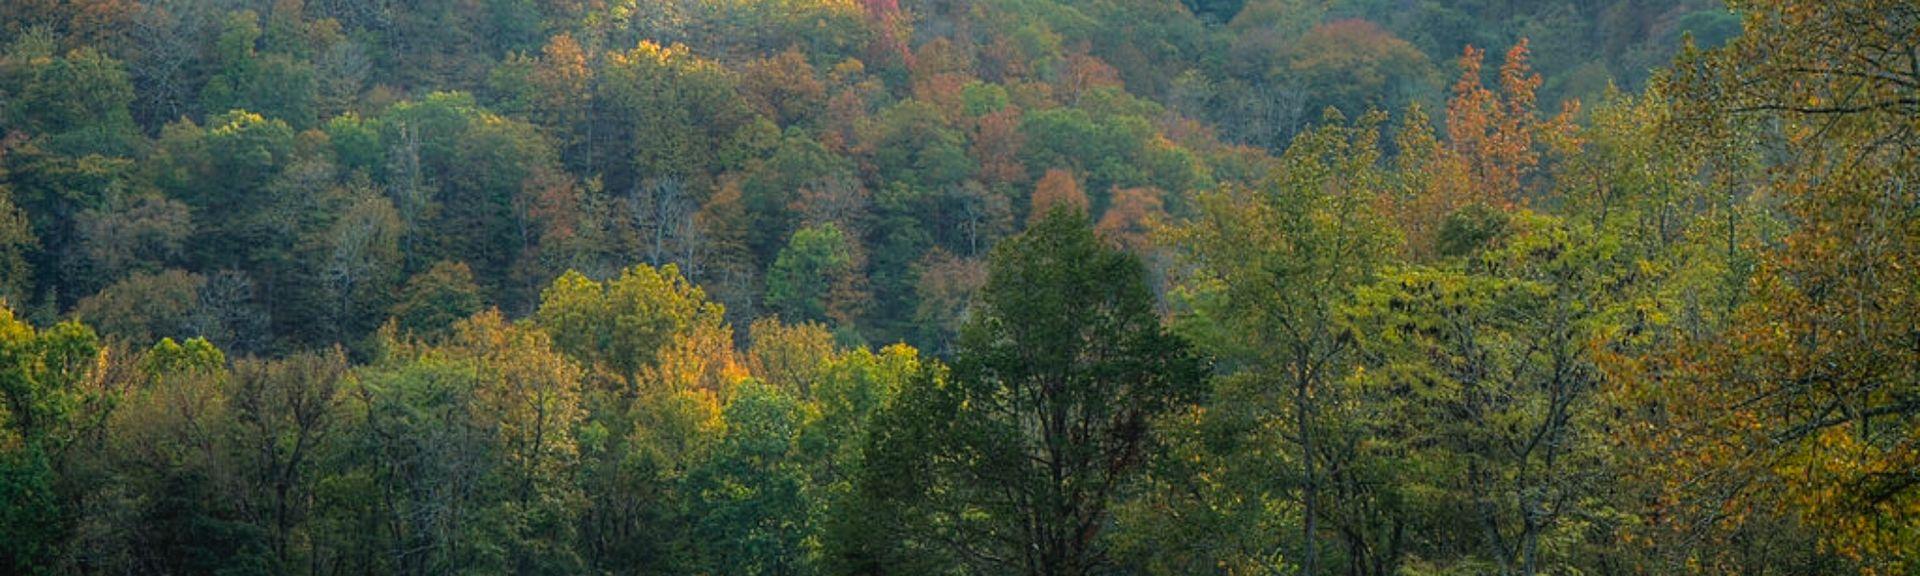 Mountain Home, AR, USA